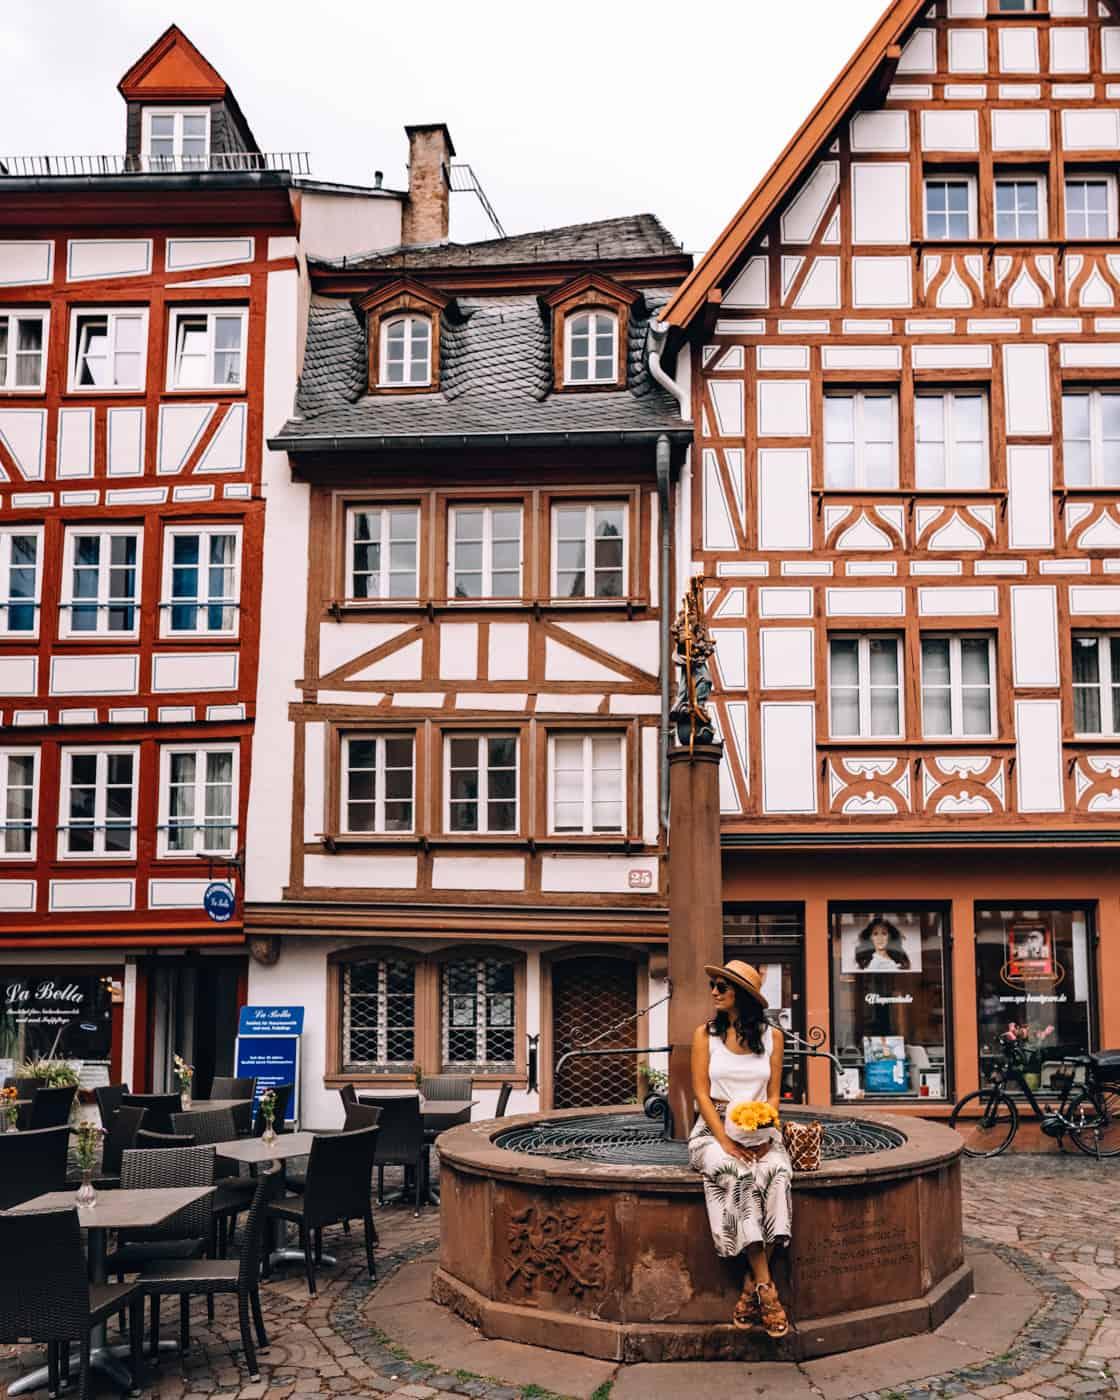 Mainz - Sehenswürdigkeiten, schönste Ecken, Essens- & Insider Tipps: Kirschgartenplatz